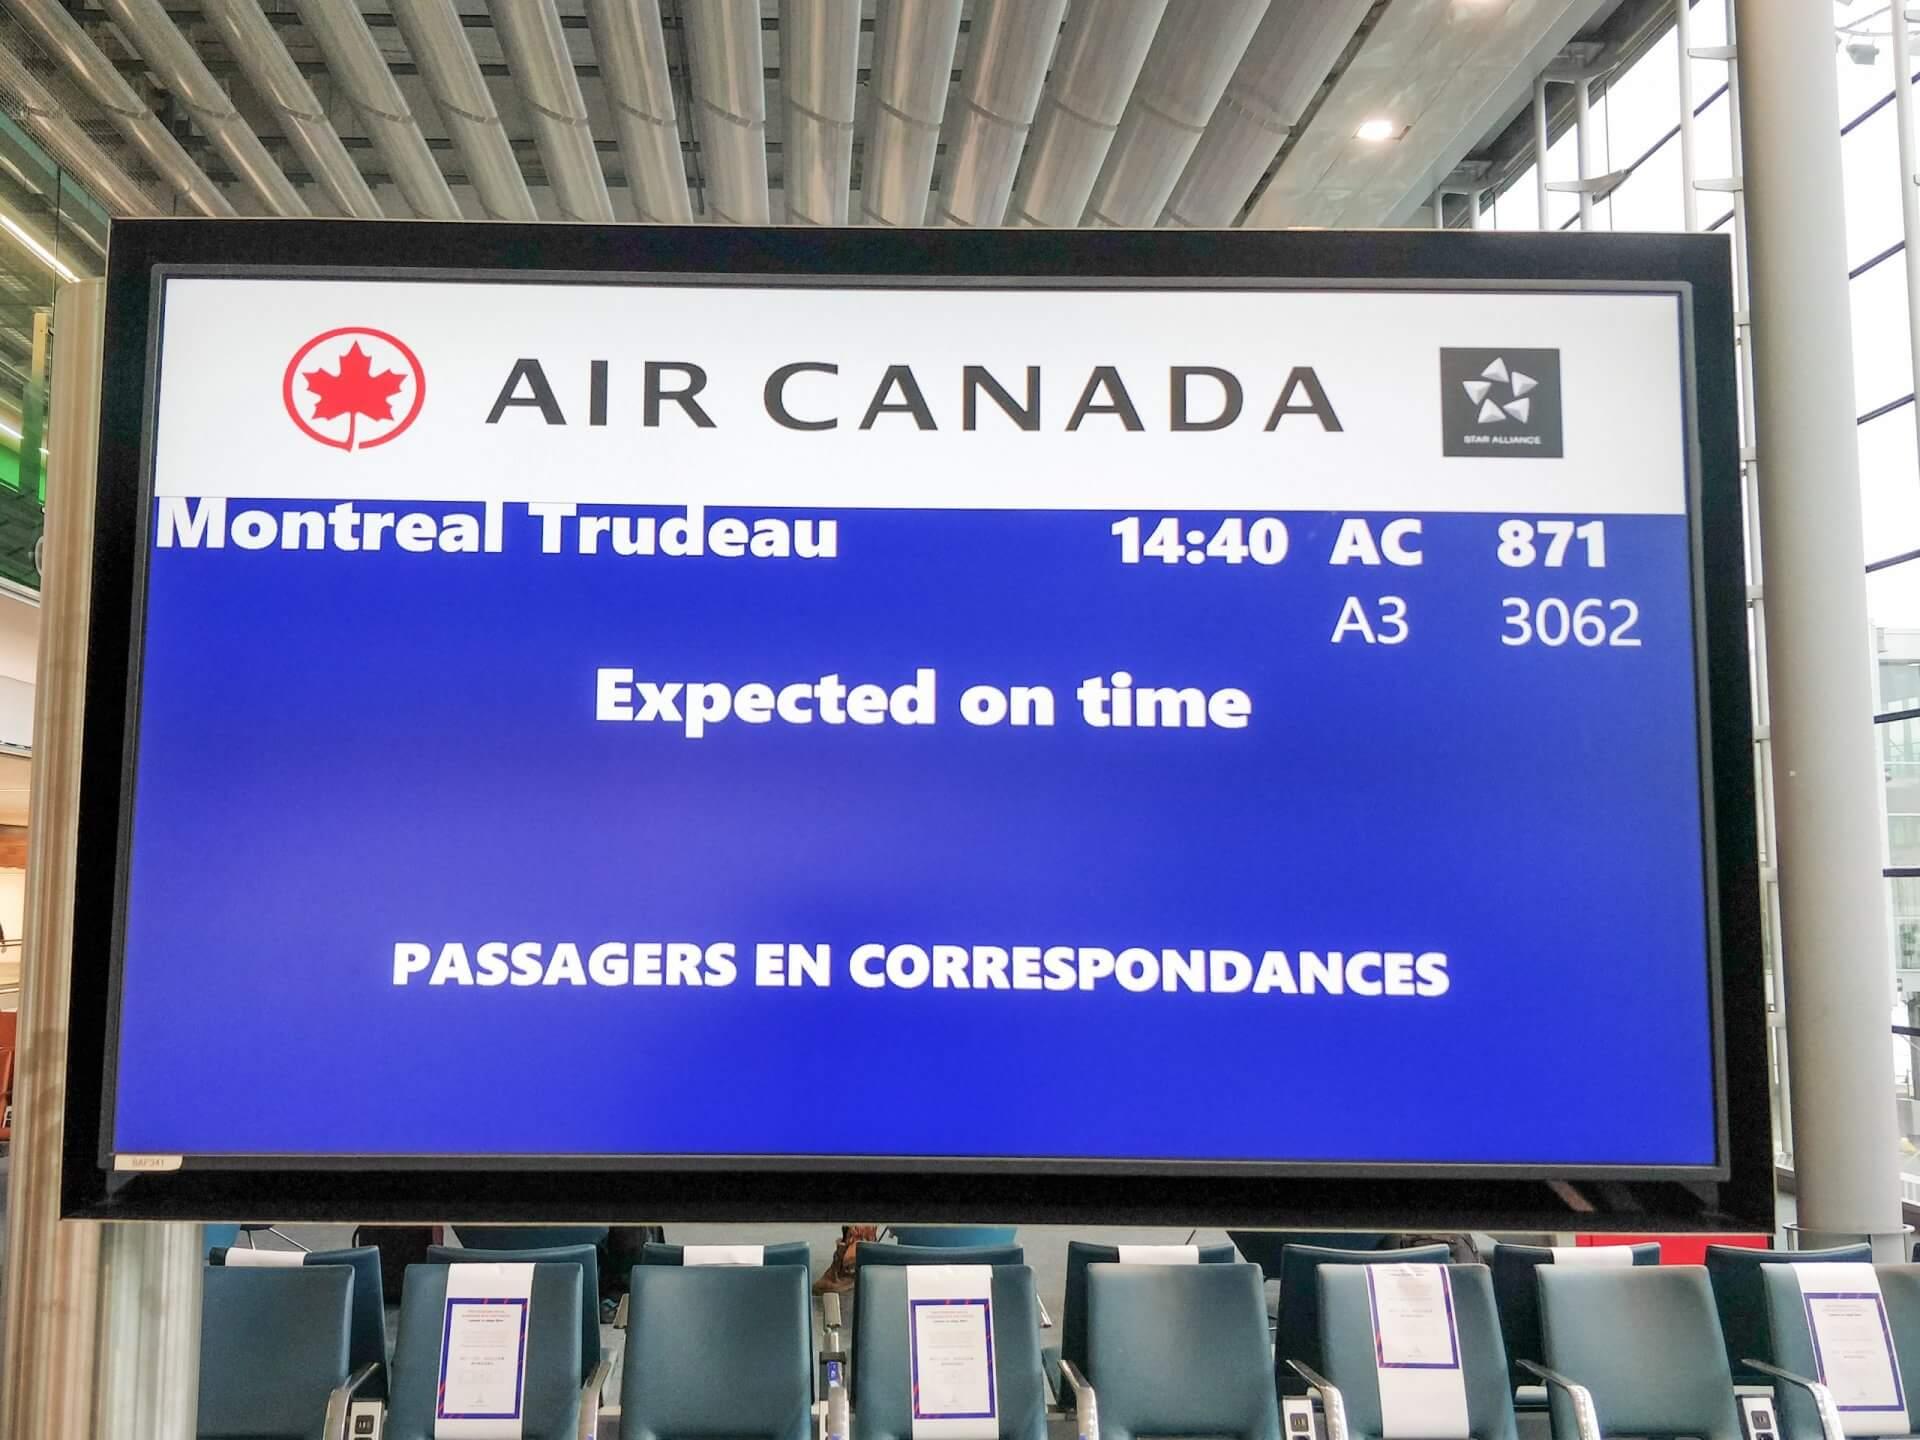 Embarquement imminent pour Montréal